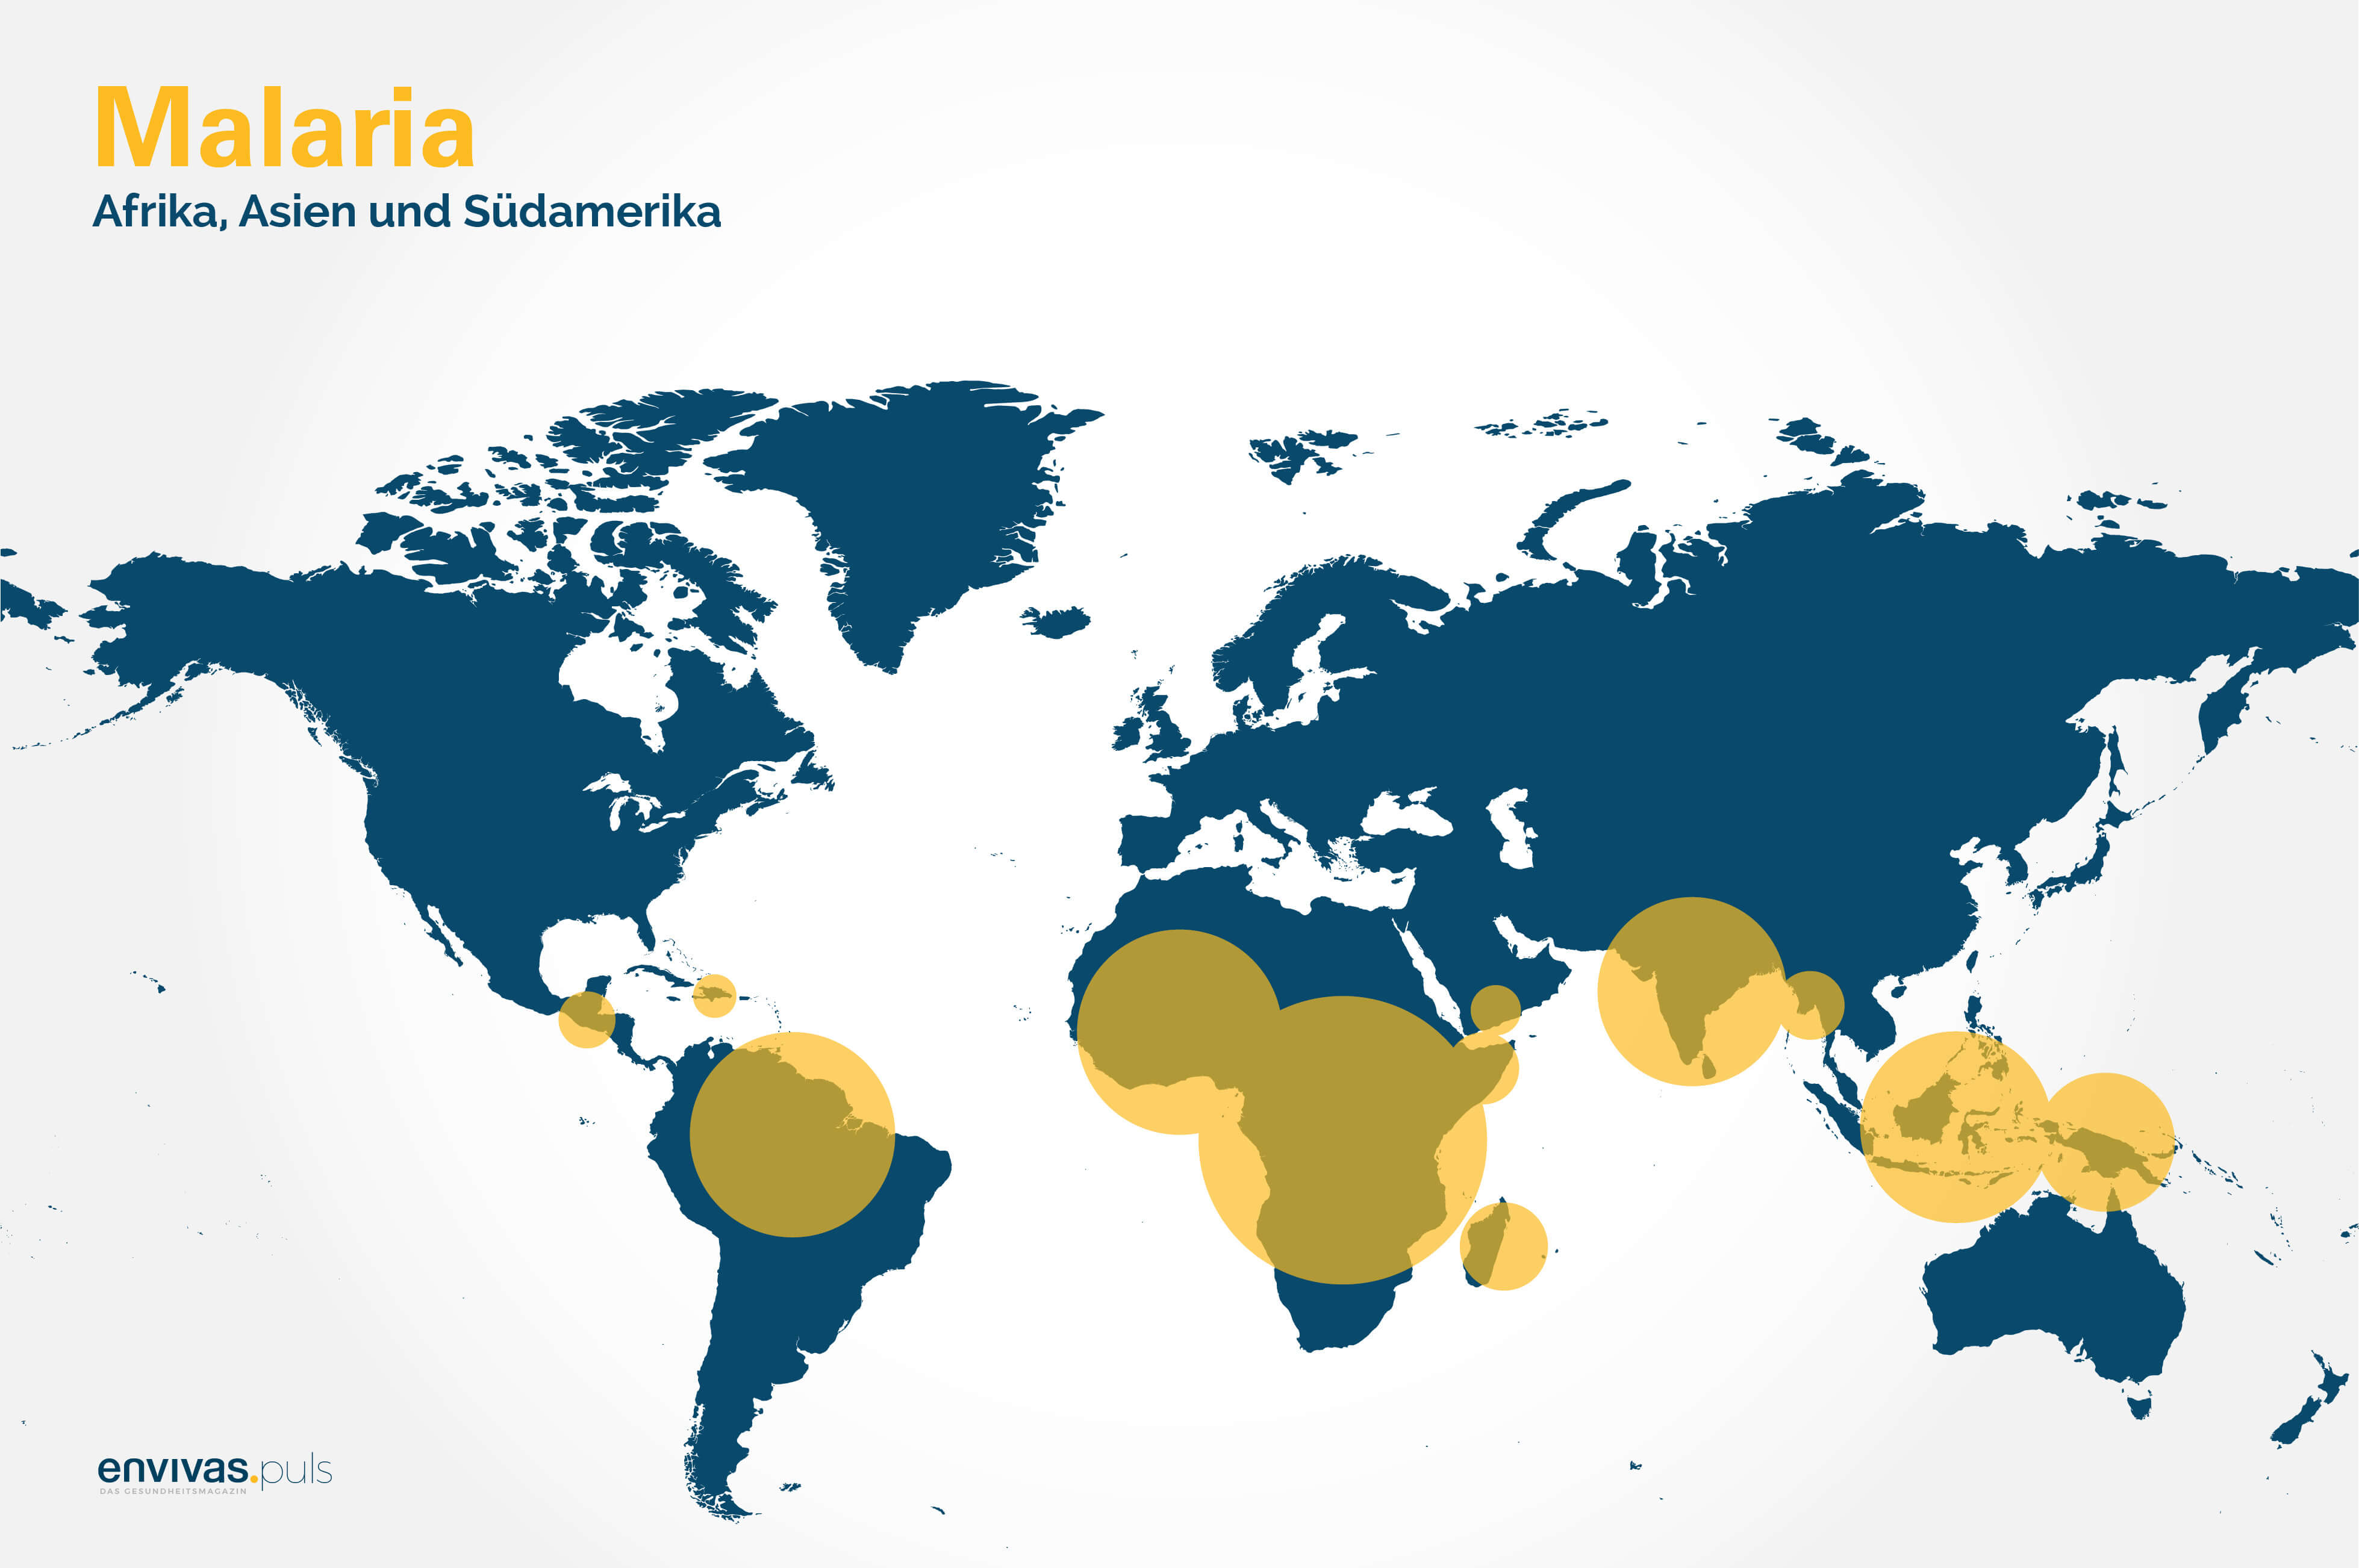 Weltkarte mit Malaria-Verbreitung - Grafische Darstellung